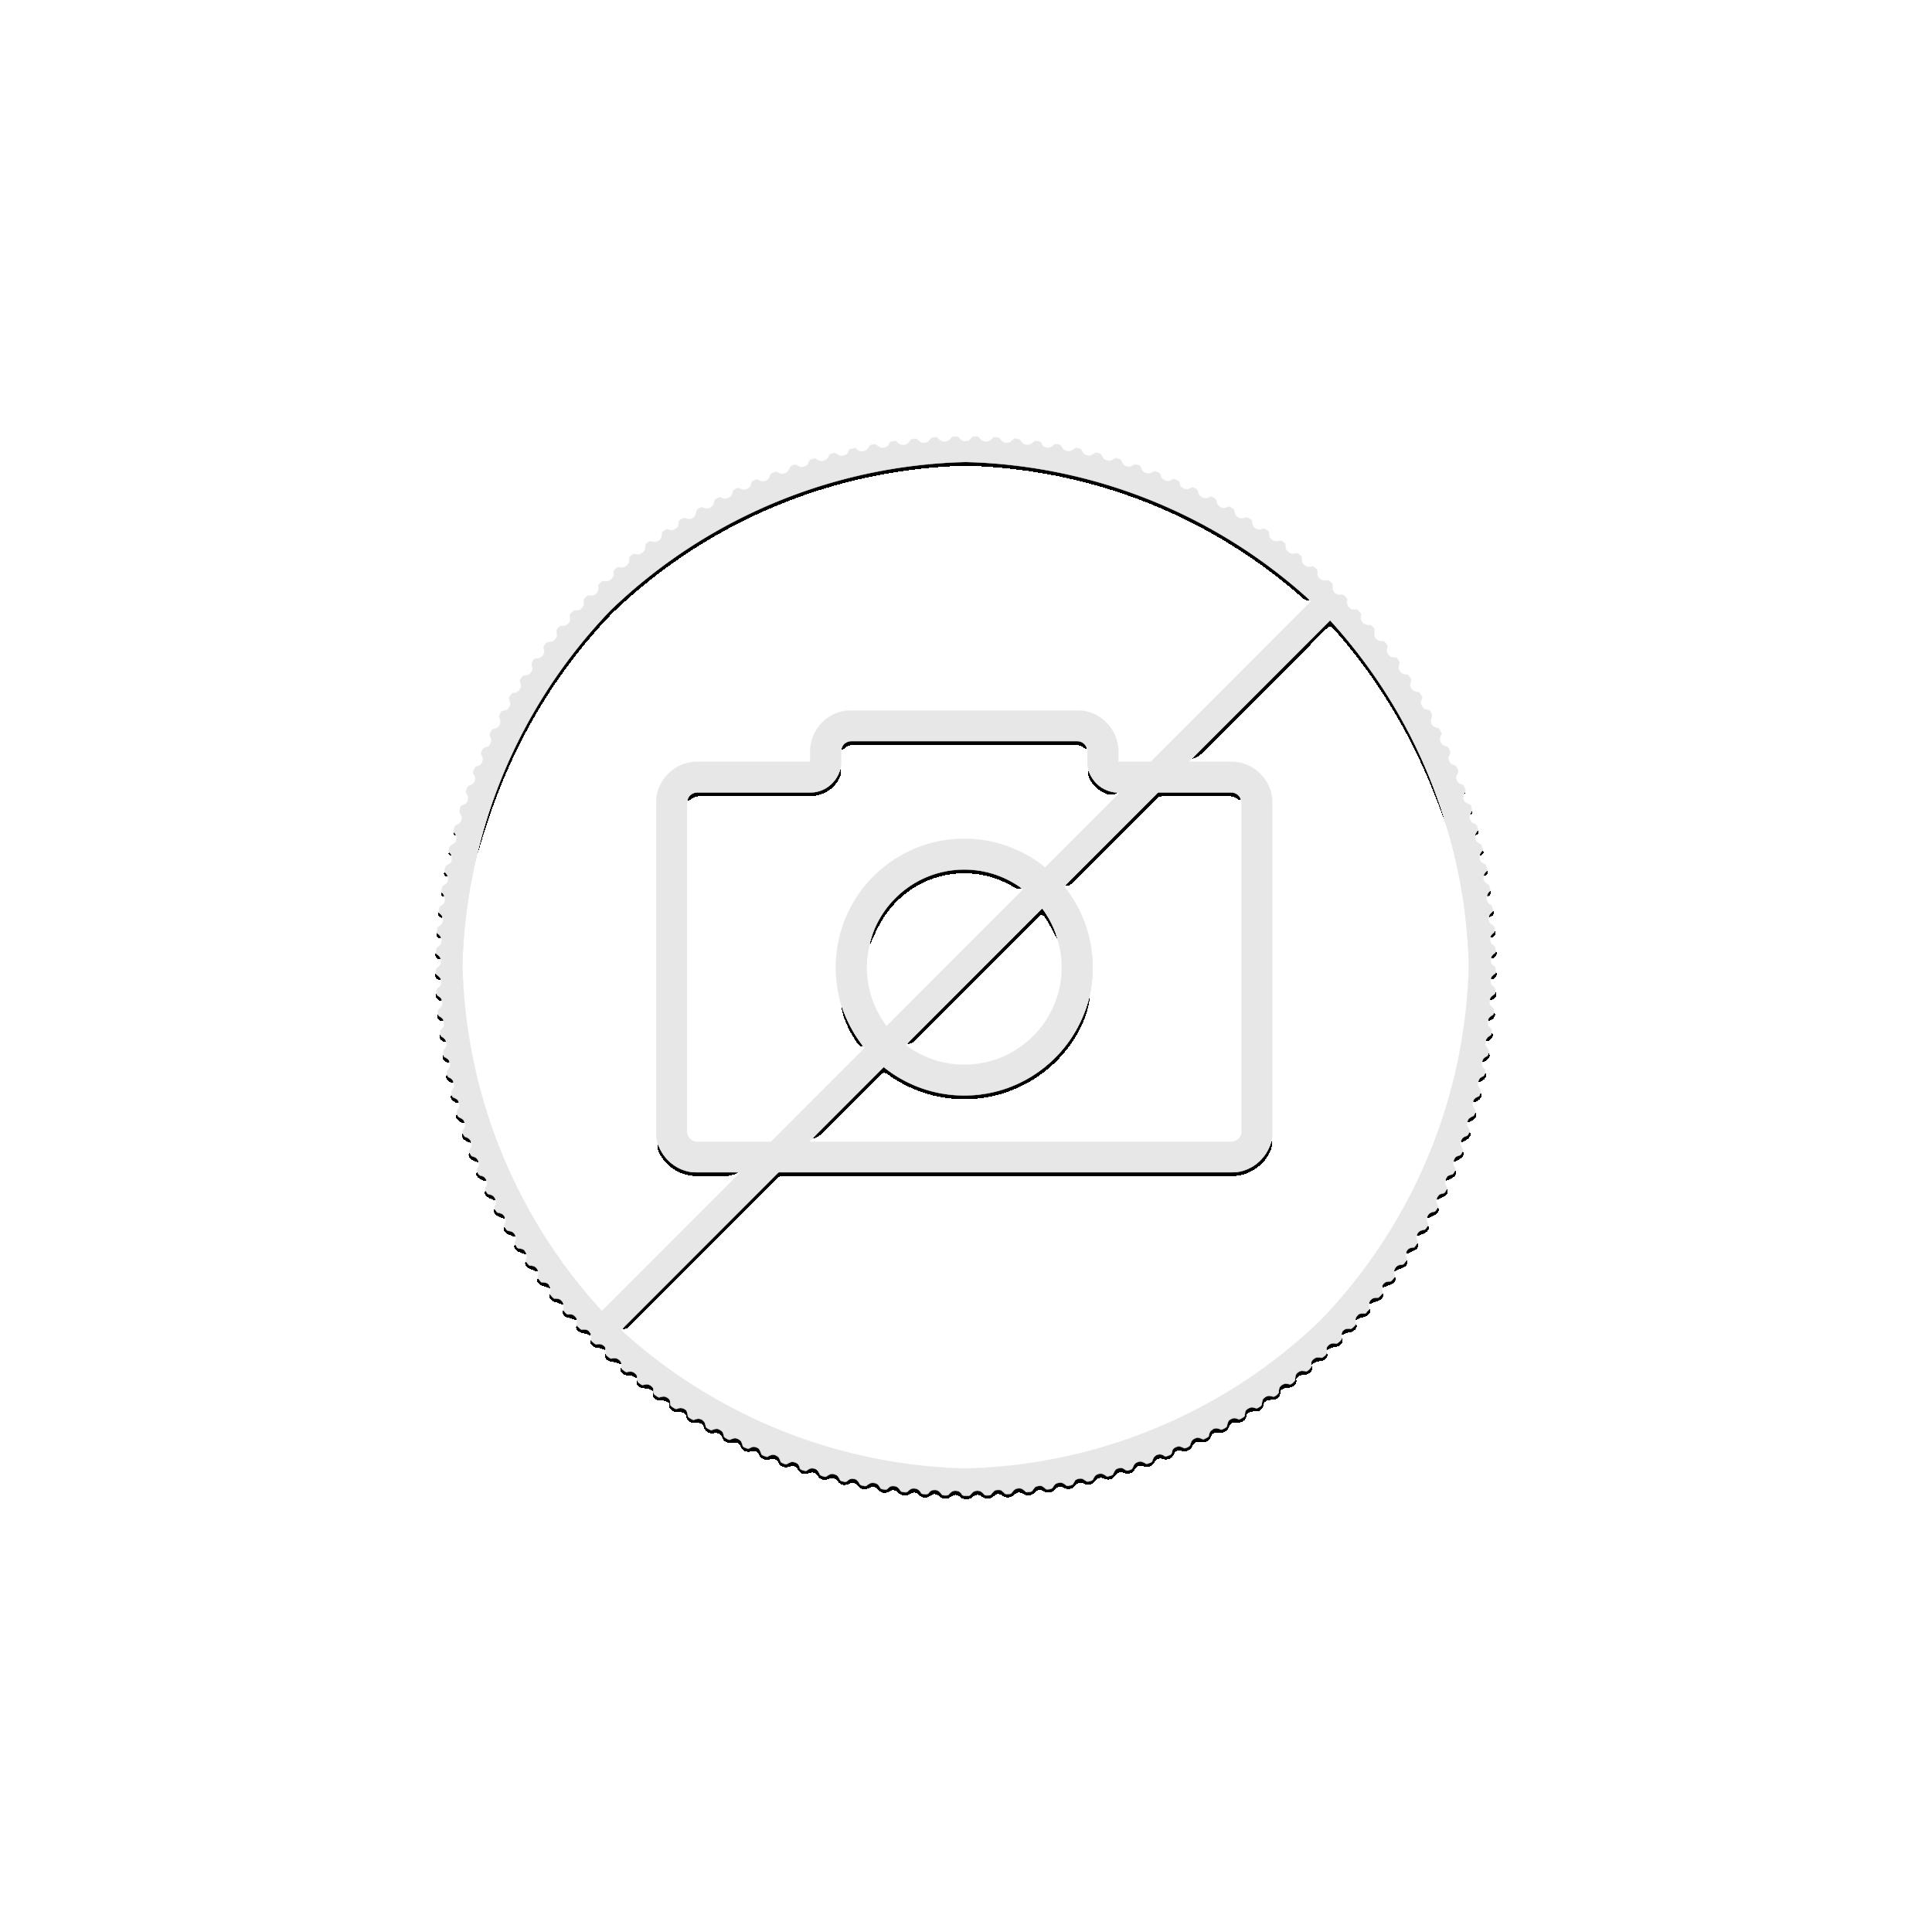 10 troy ounce zilveren Koala munt 2010